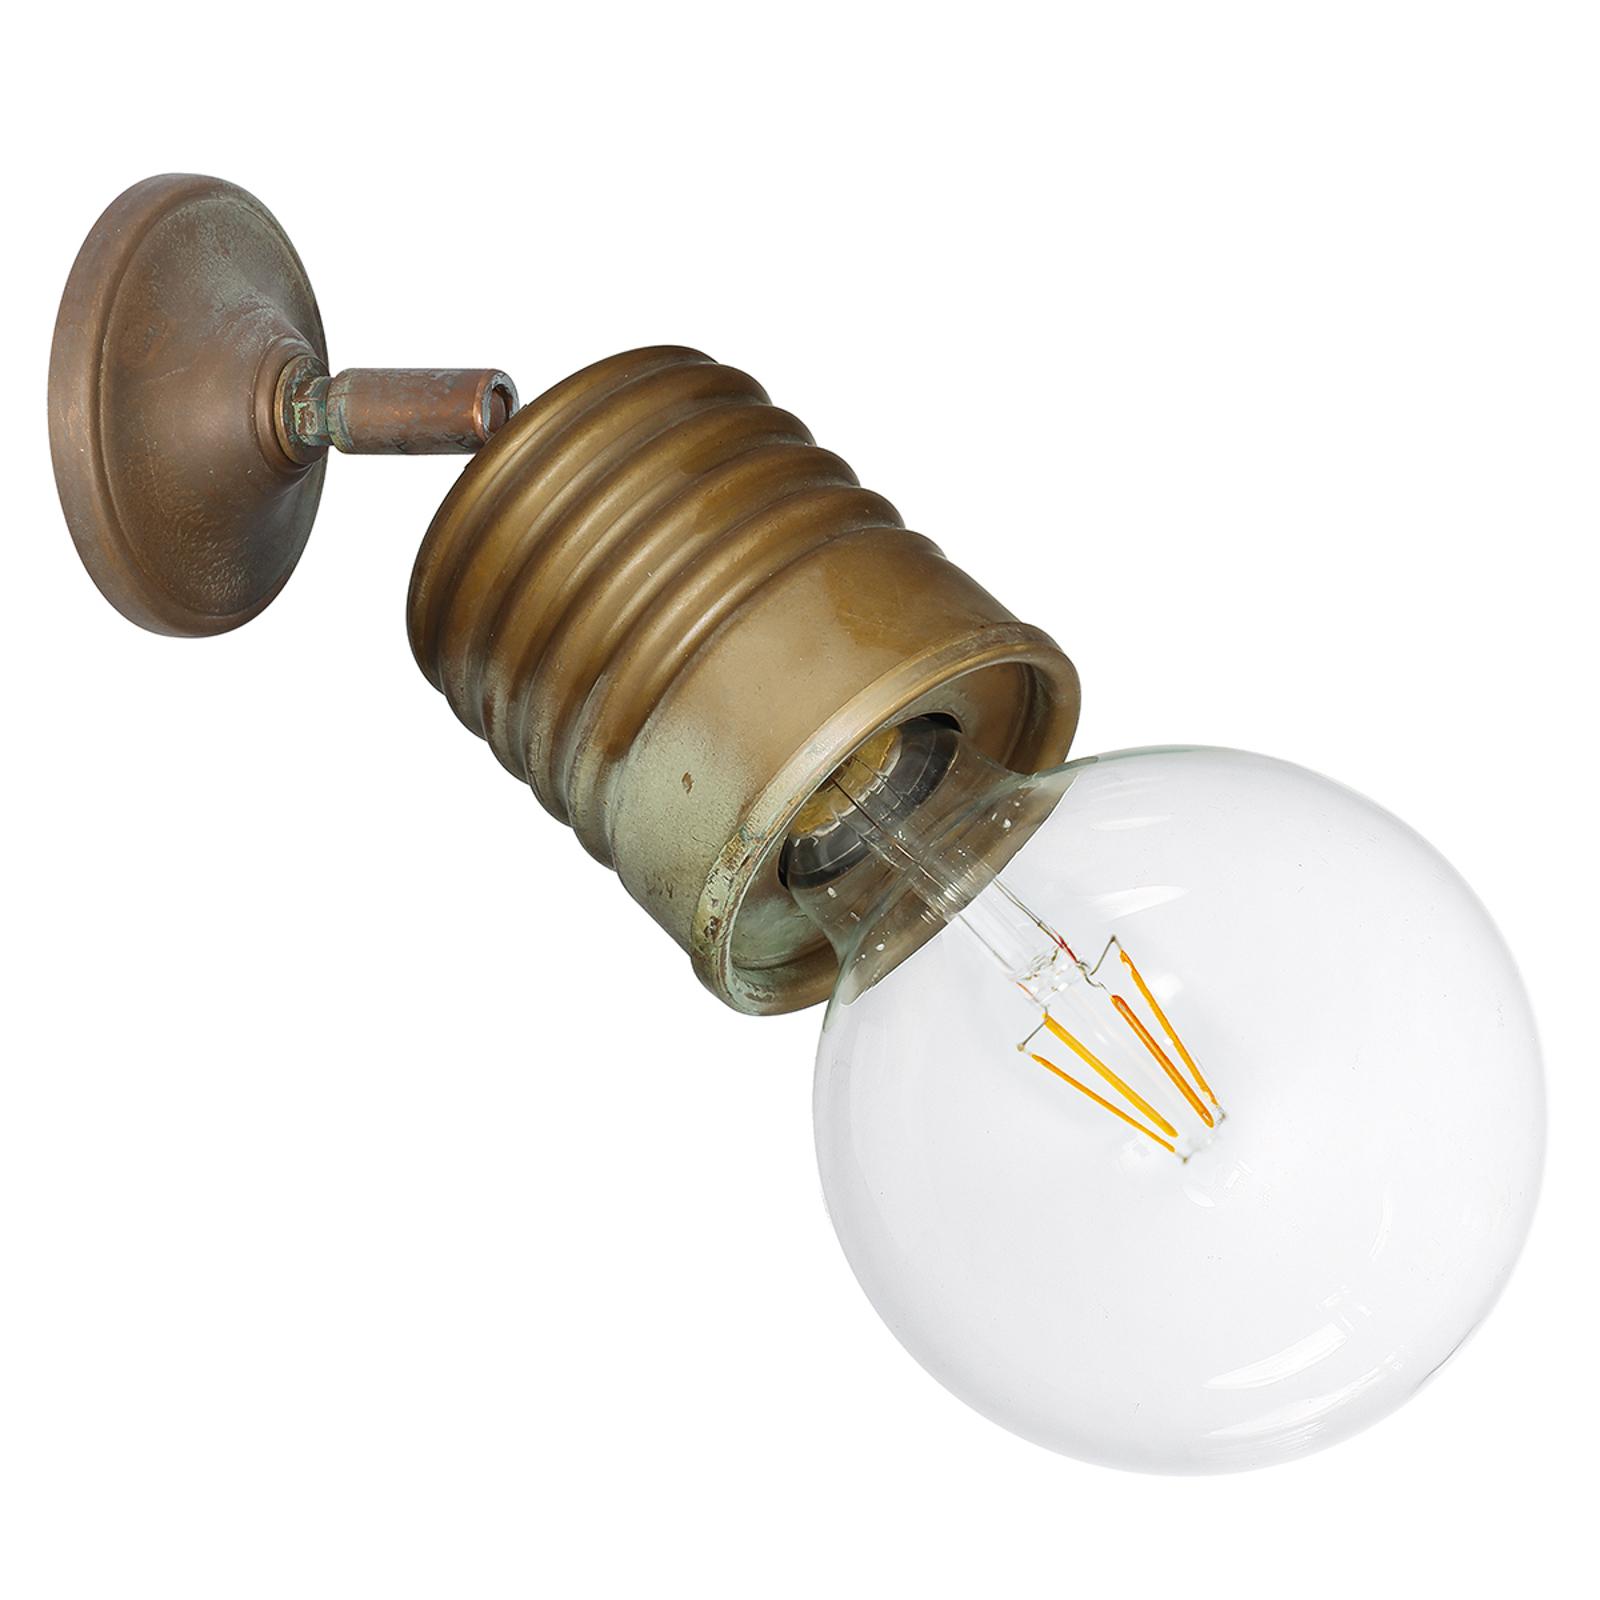 Lampa ścienna Orti z przegubem, mosiądz antyczny